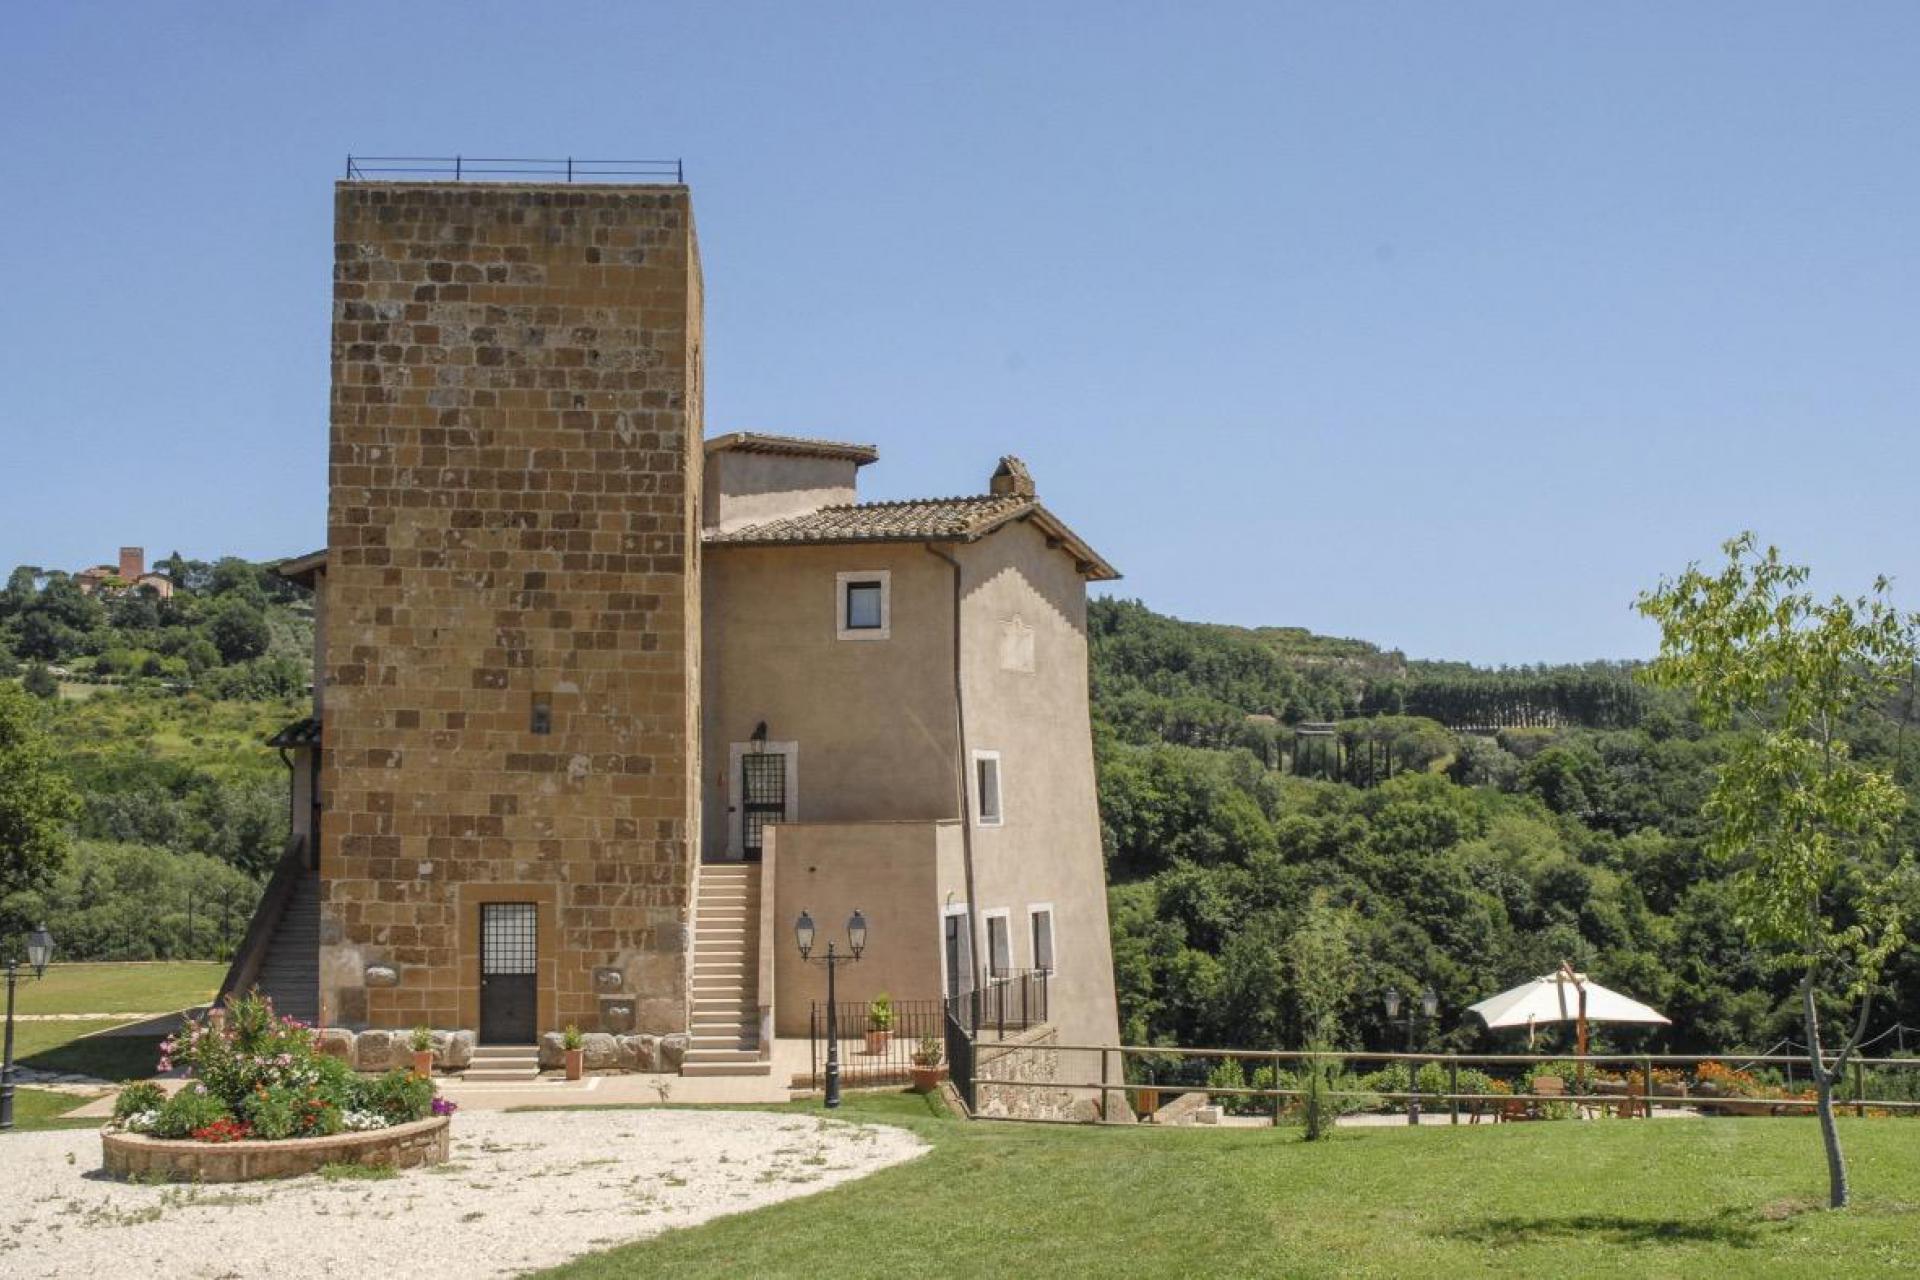 Agriturismo Rome Agriturismo nabij Rome in de zonnige regio Lazio